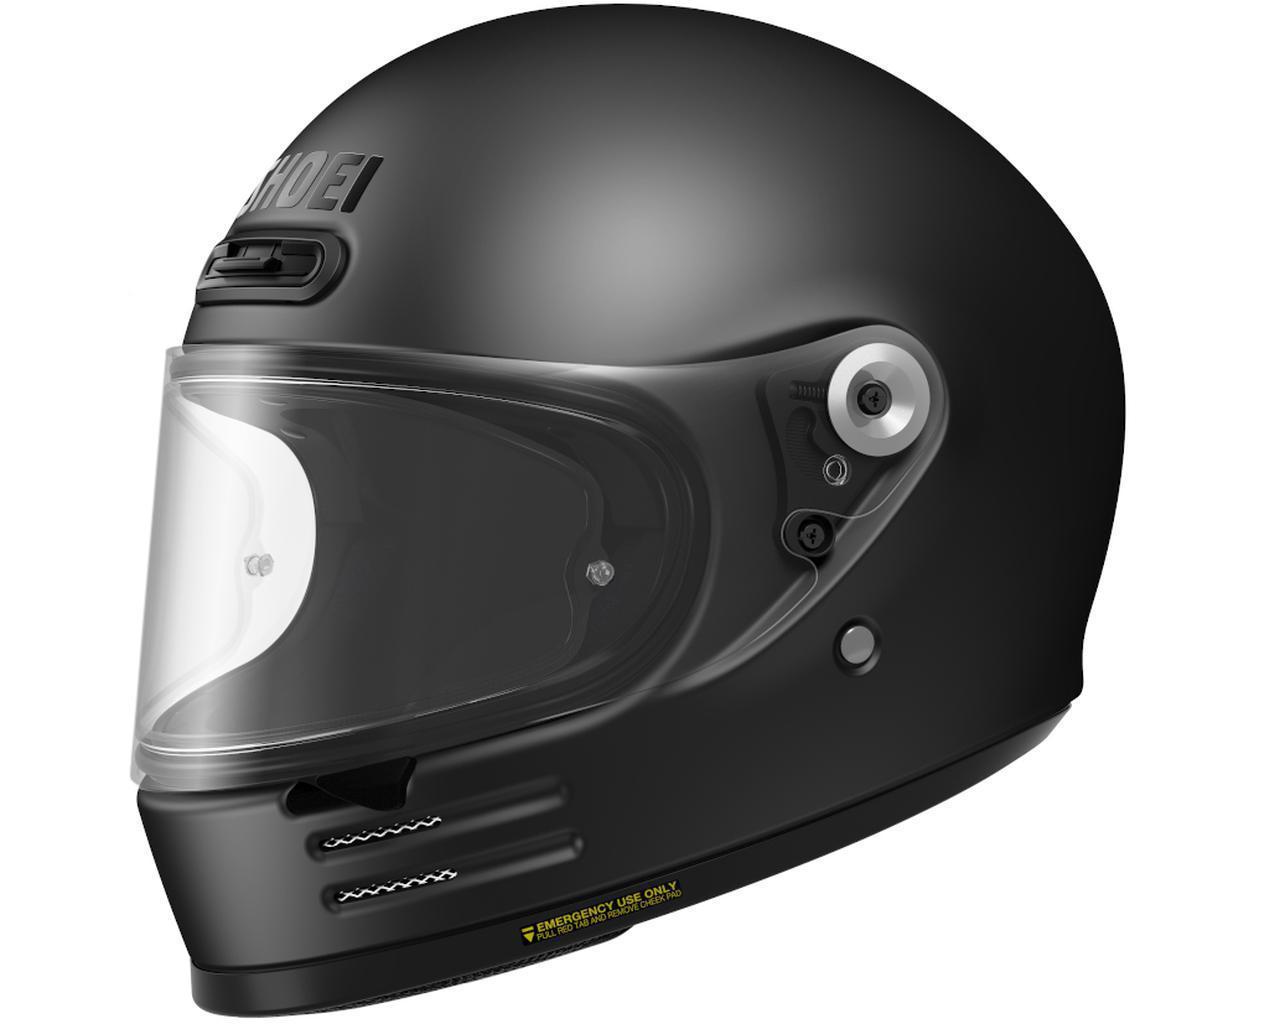 画像: SHOEI 2020年の新製品「グラムスター」情報 - webオートバイ